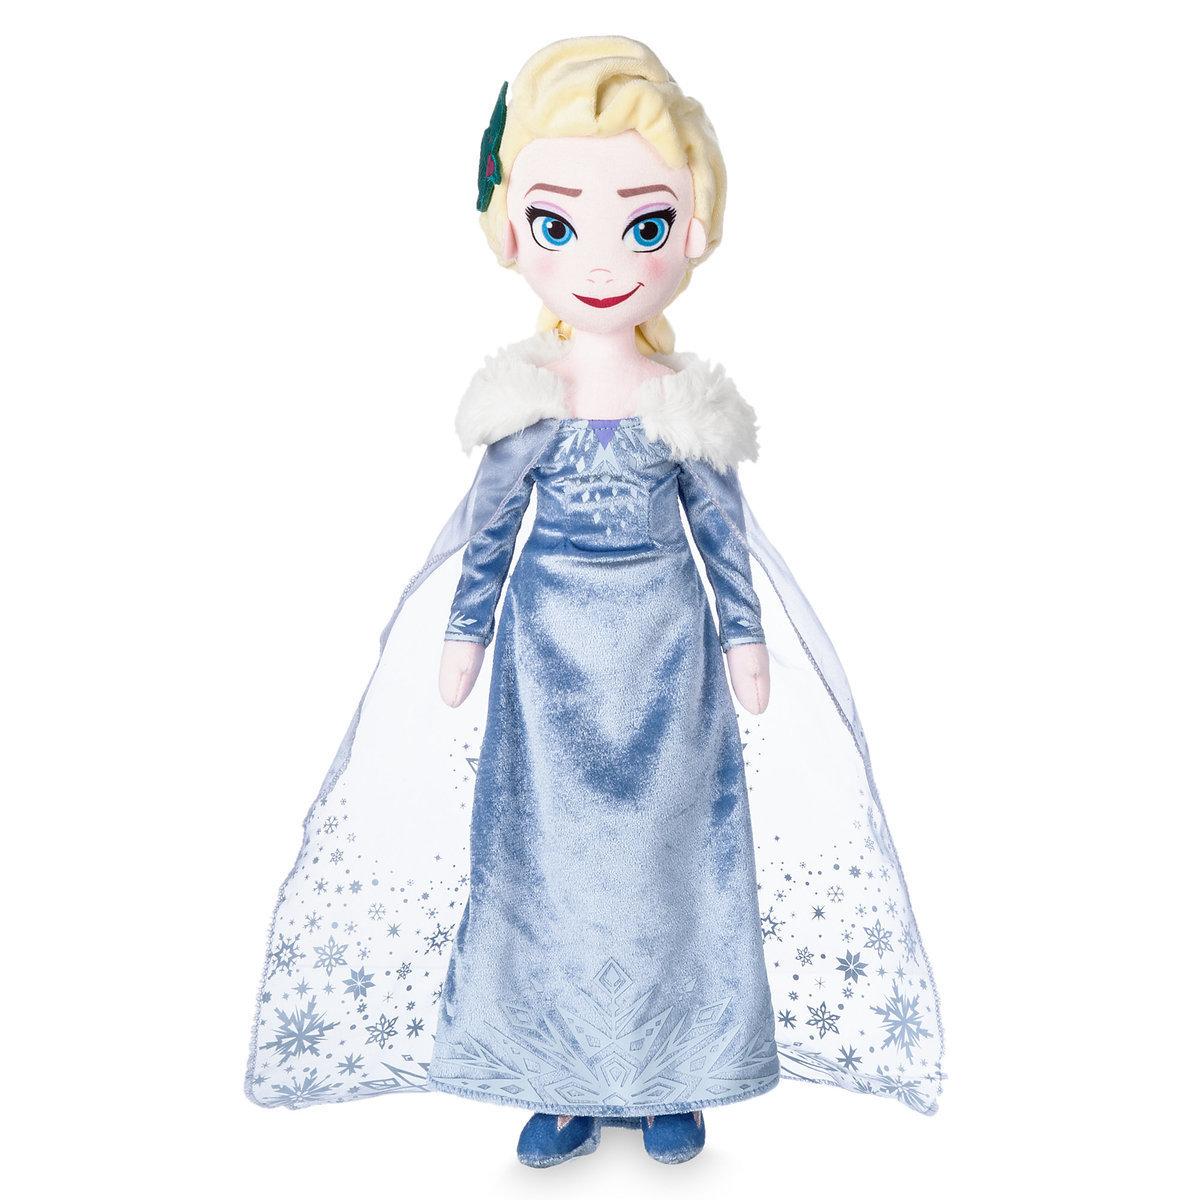 Мягкая игрушка Эльза Дисней - «Холодное приключение Олафа» - 48 см